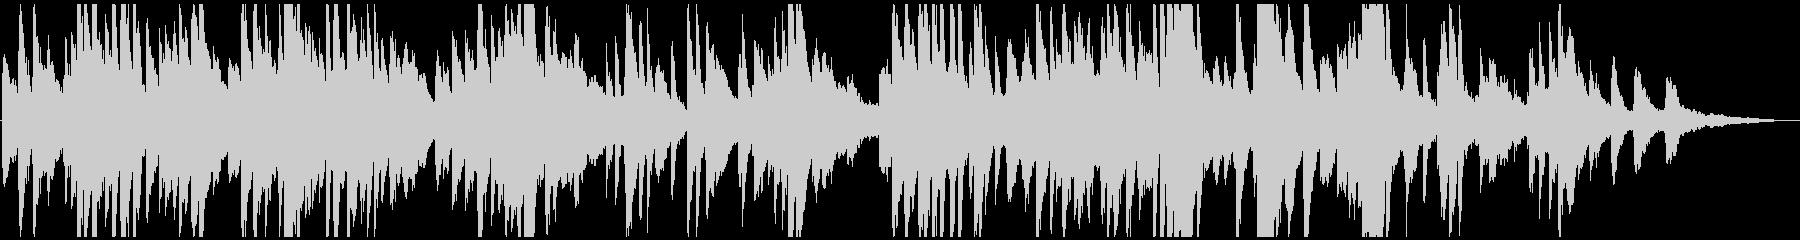 叙情的・繊細 しっとり切ないピアノ 2分の未再生の波形